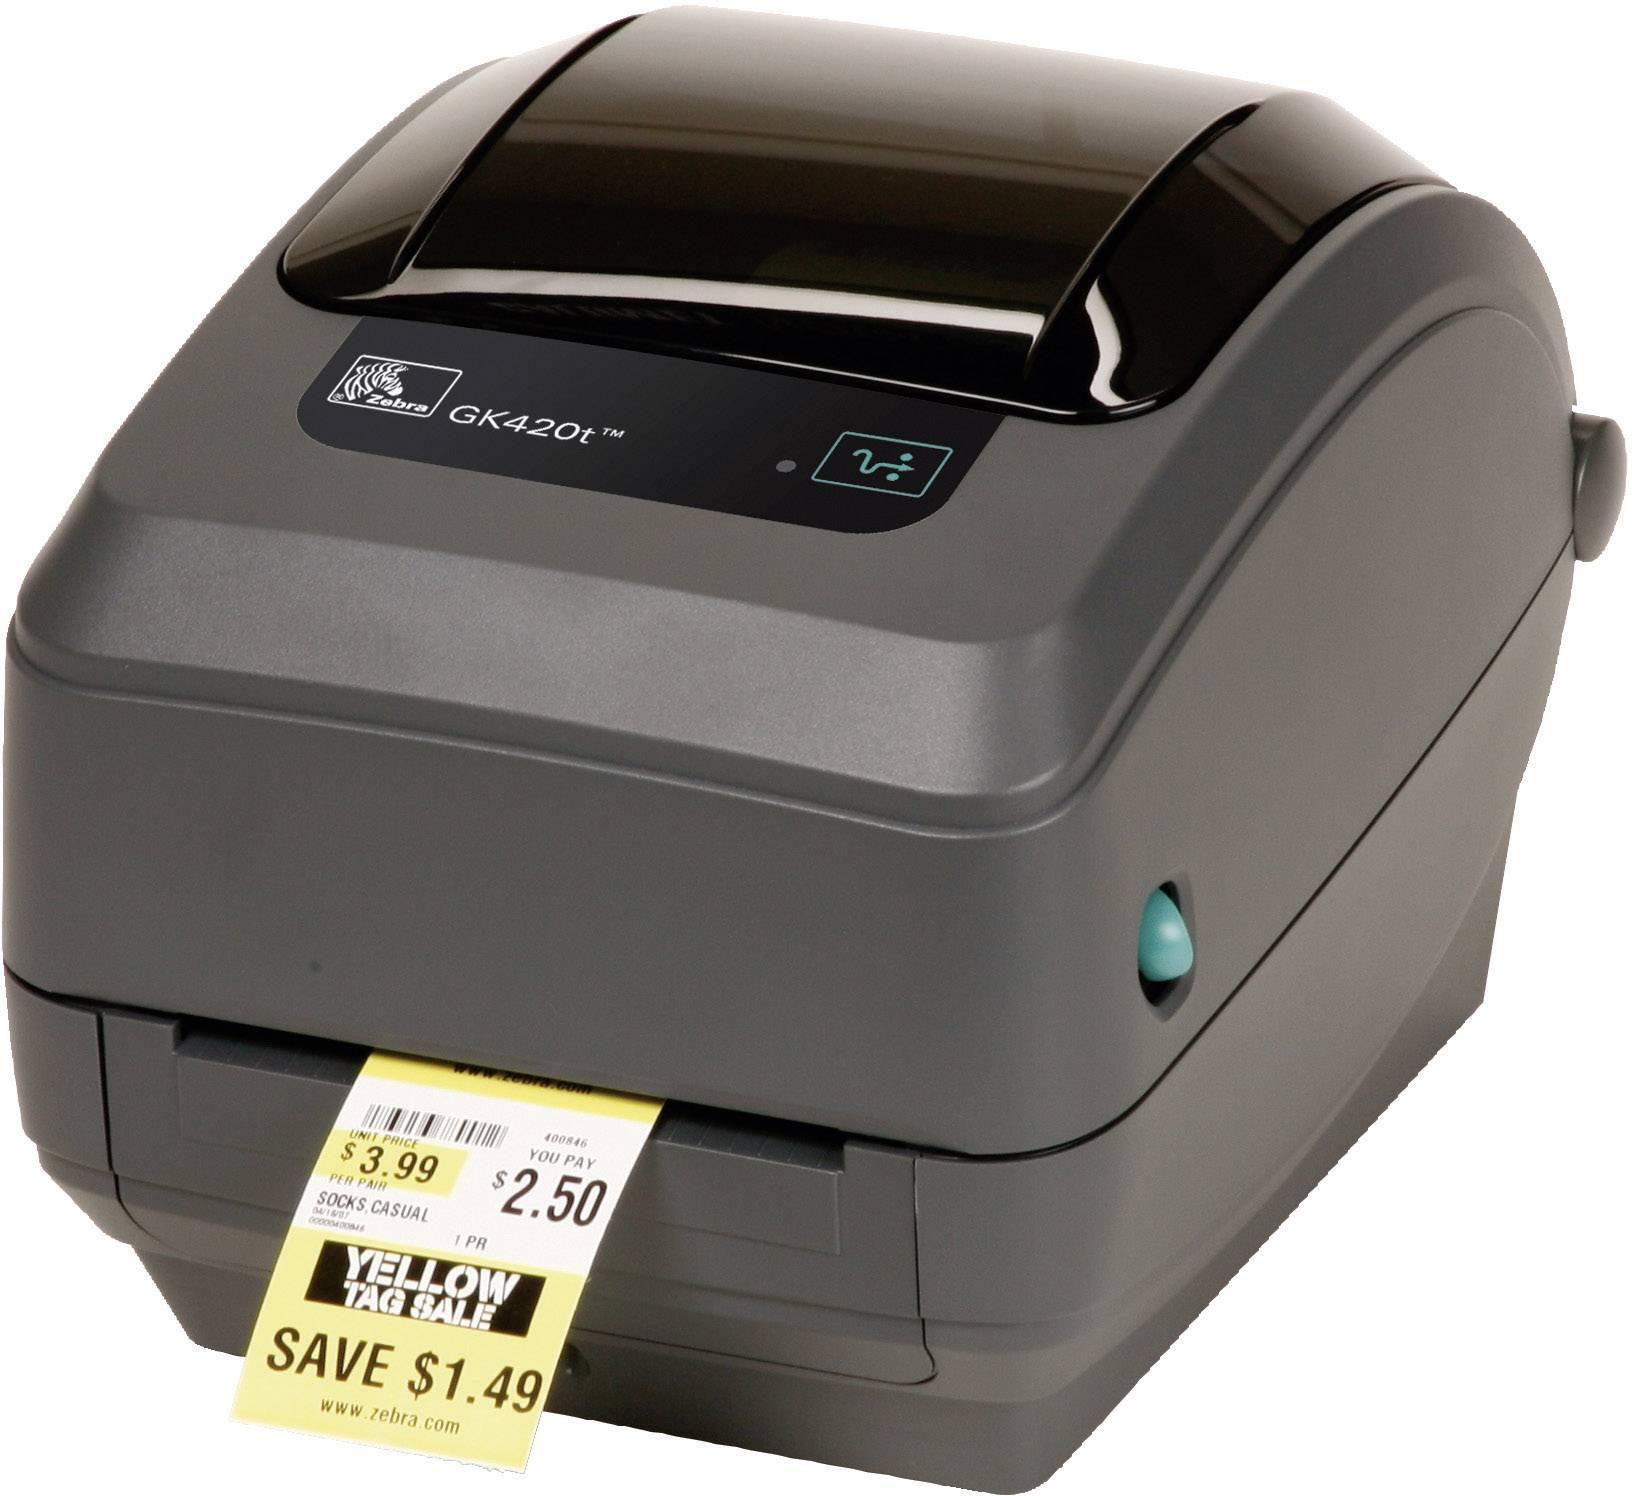 Stampante di etichette Zebra GK420D Termica 203 x 203 dpi Larghezza etichetta (max.): 110 mm USB, LAN